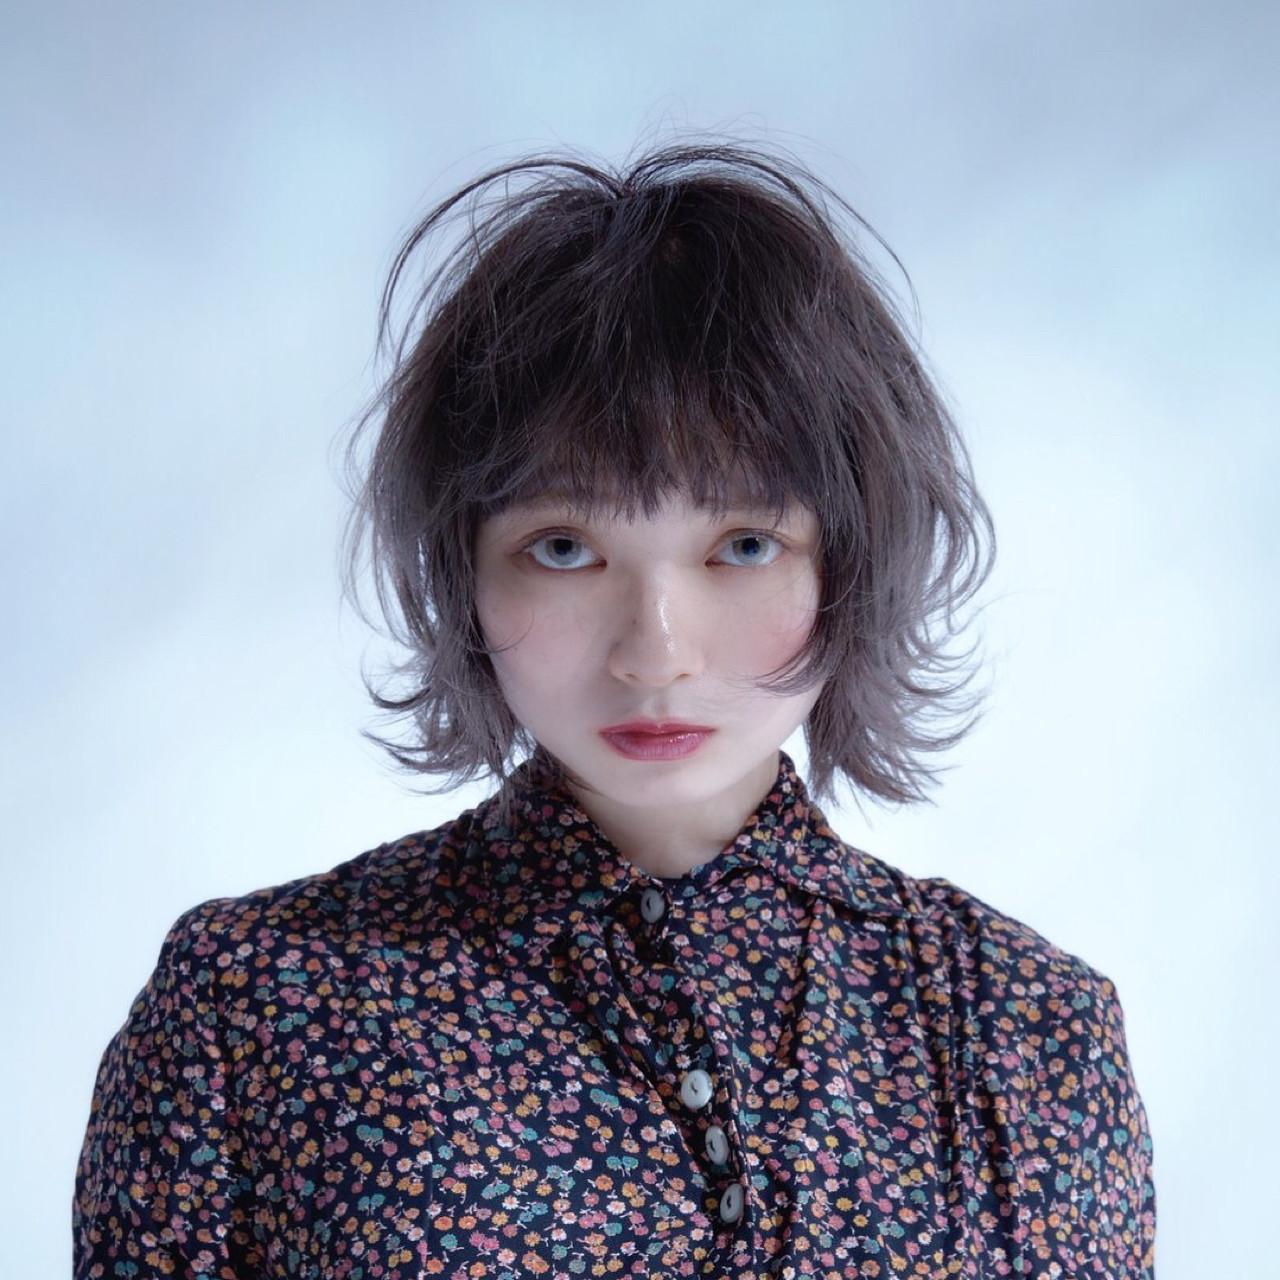 アッシュ ローライト ハイライト ガーリー ヘアスタイルや髪型の写真・画像